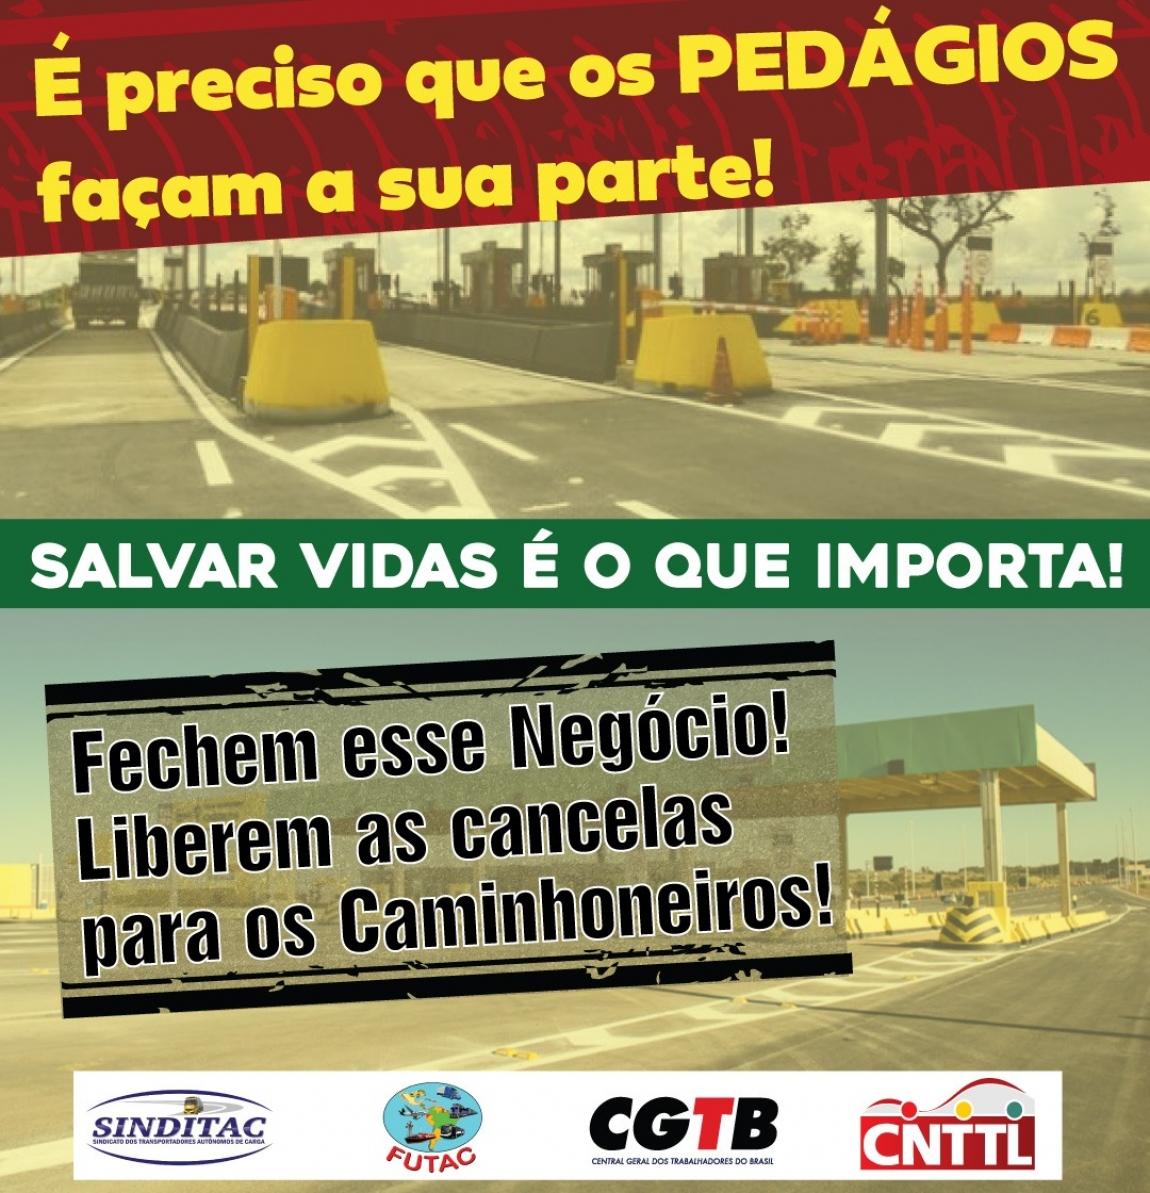 Imagem de Coronavírus: Caminhoneiros iniciam campanha em defesa da vida e pela liberação dos pedágios